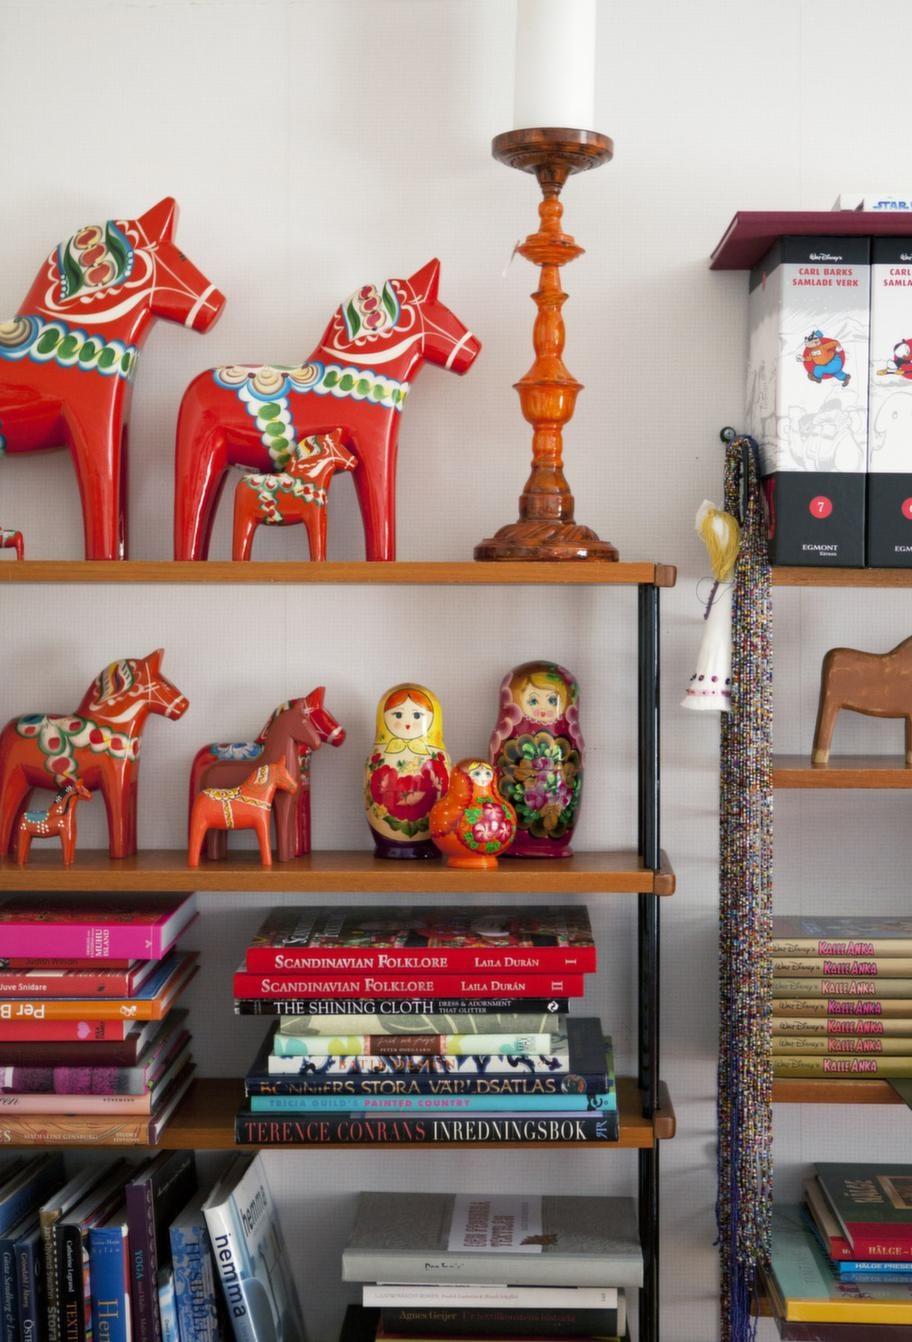 Röda hästar, böcker och saker på hyllorna gör vardagsrummet personligt.